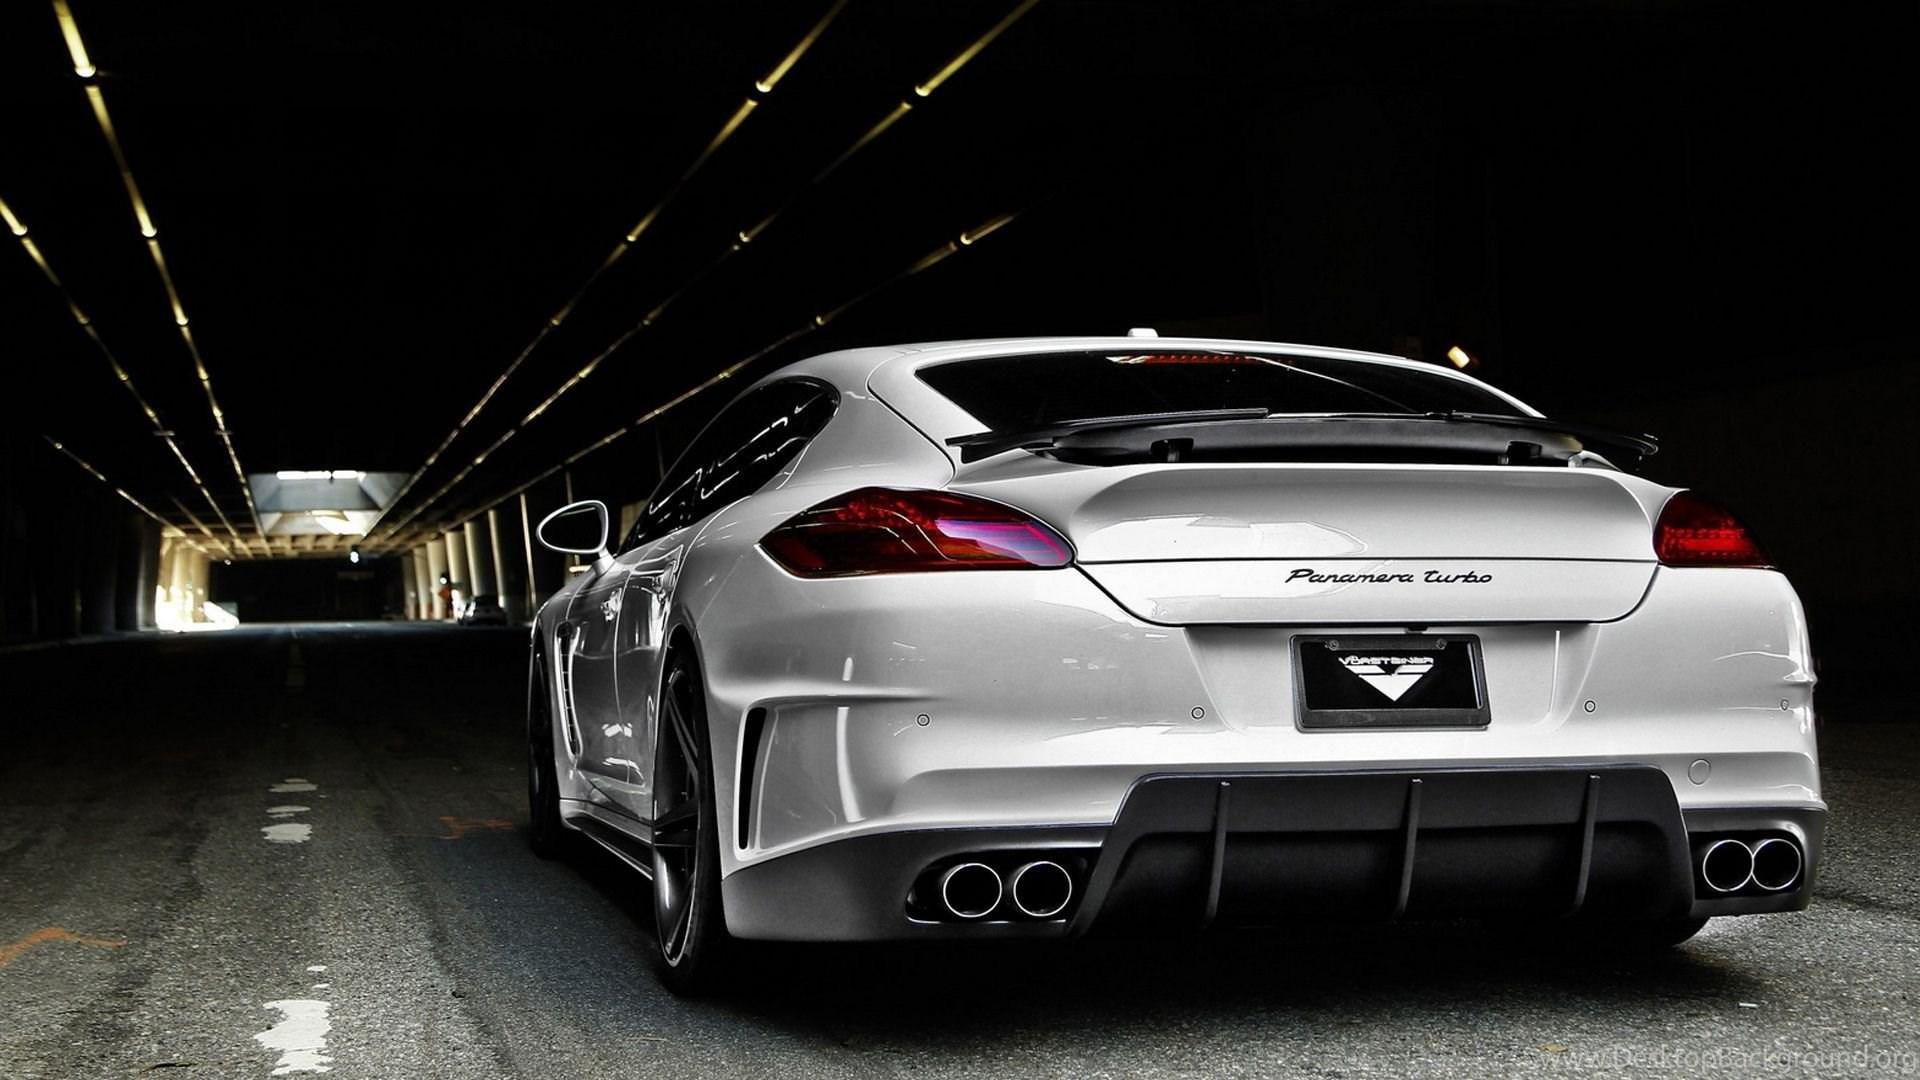 Porsche Panamera Wallpapers Desktop Background